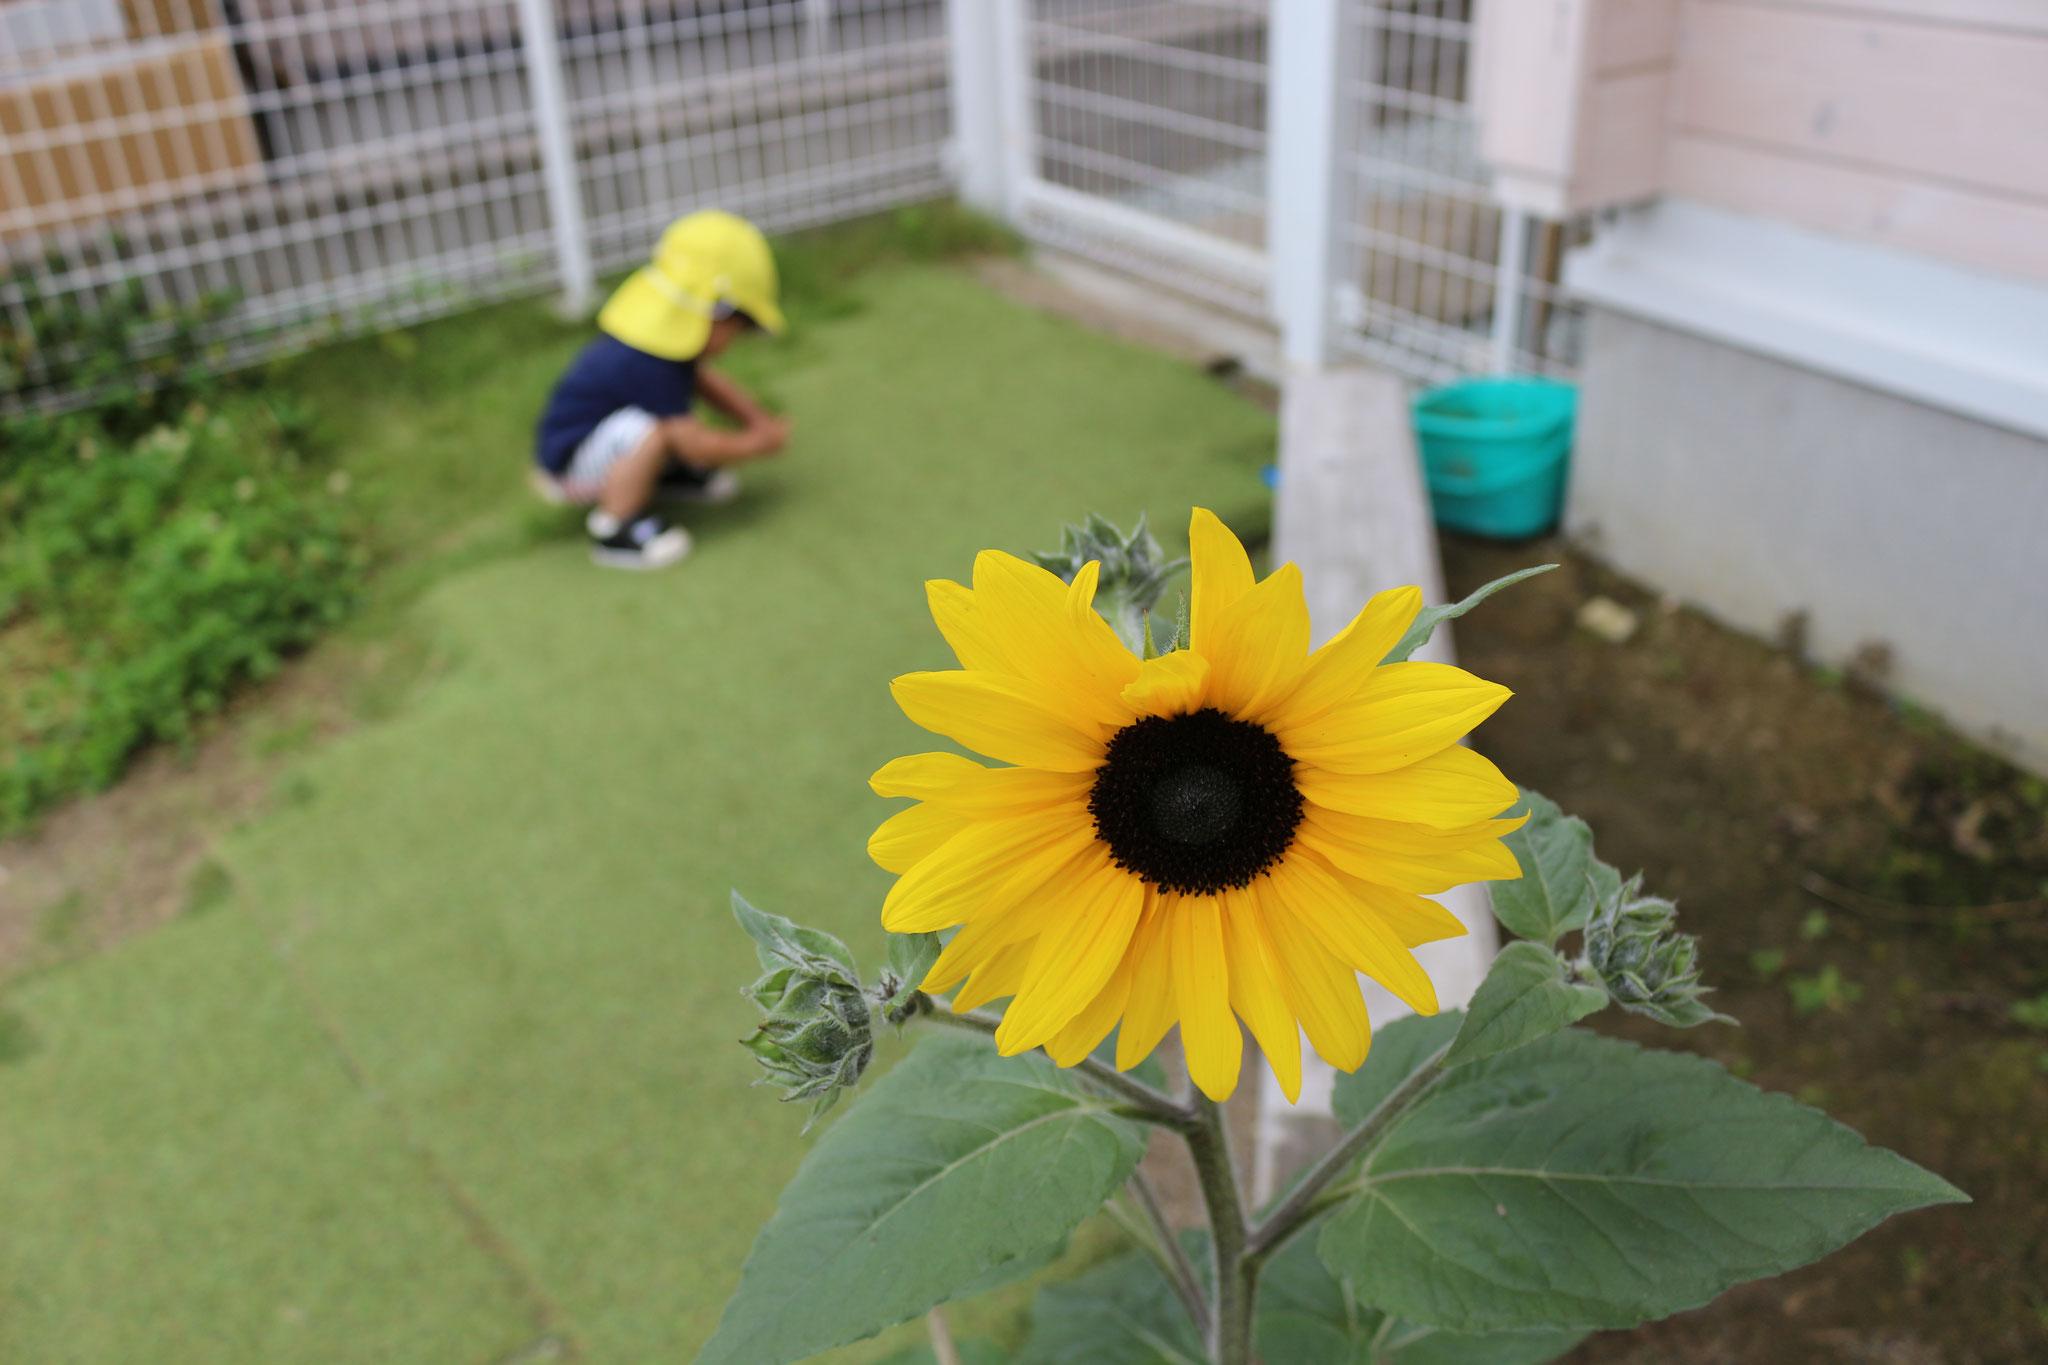 ひまわりも咲いたので 真夏はもうすぐだねι(´Д`υ)アツィー